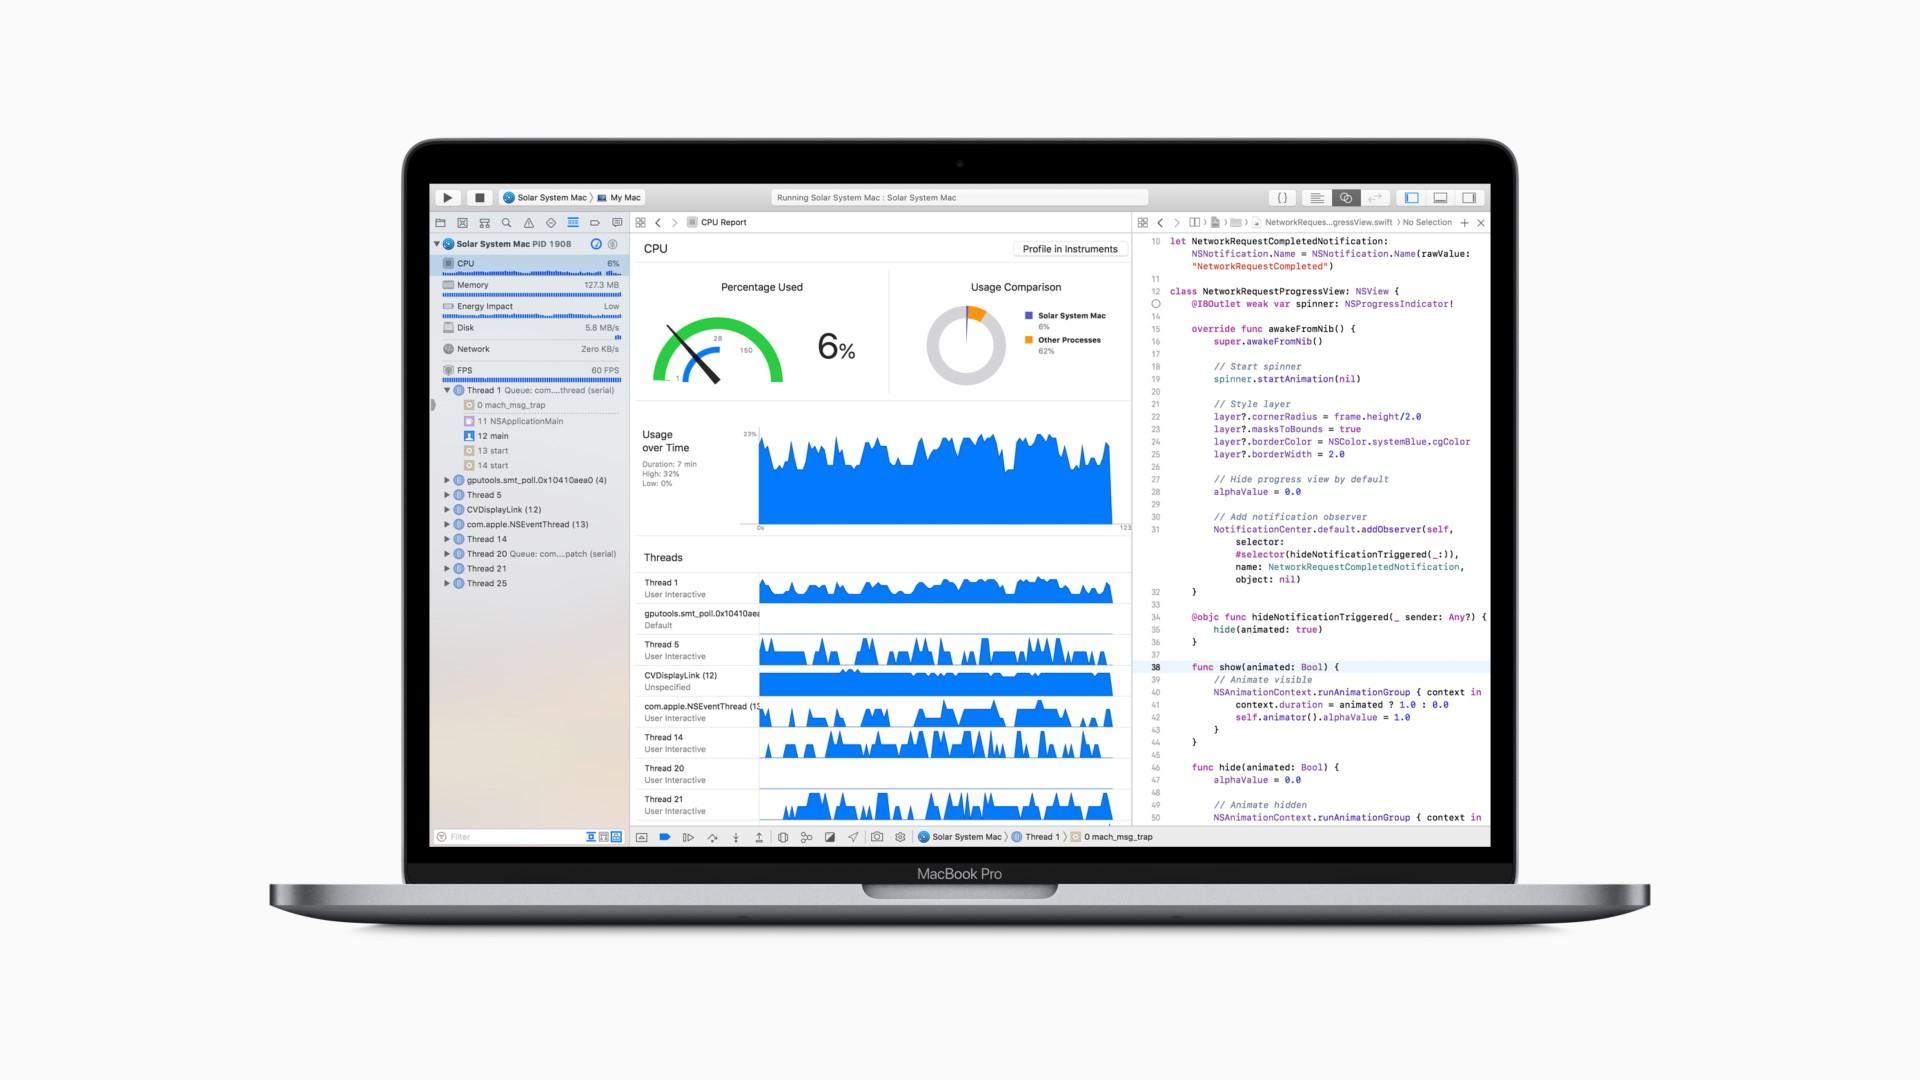 Изображение включённого MacBook Pro 2018 во фронтальной проекции: на экране программный код